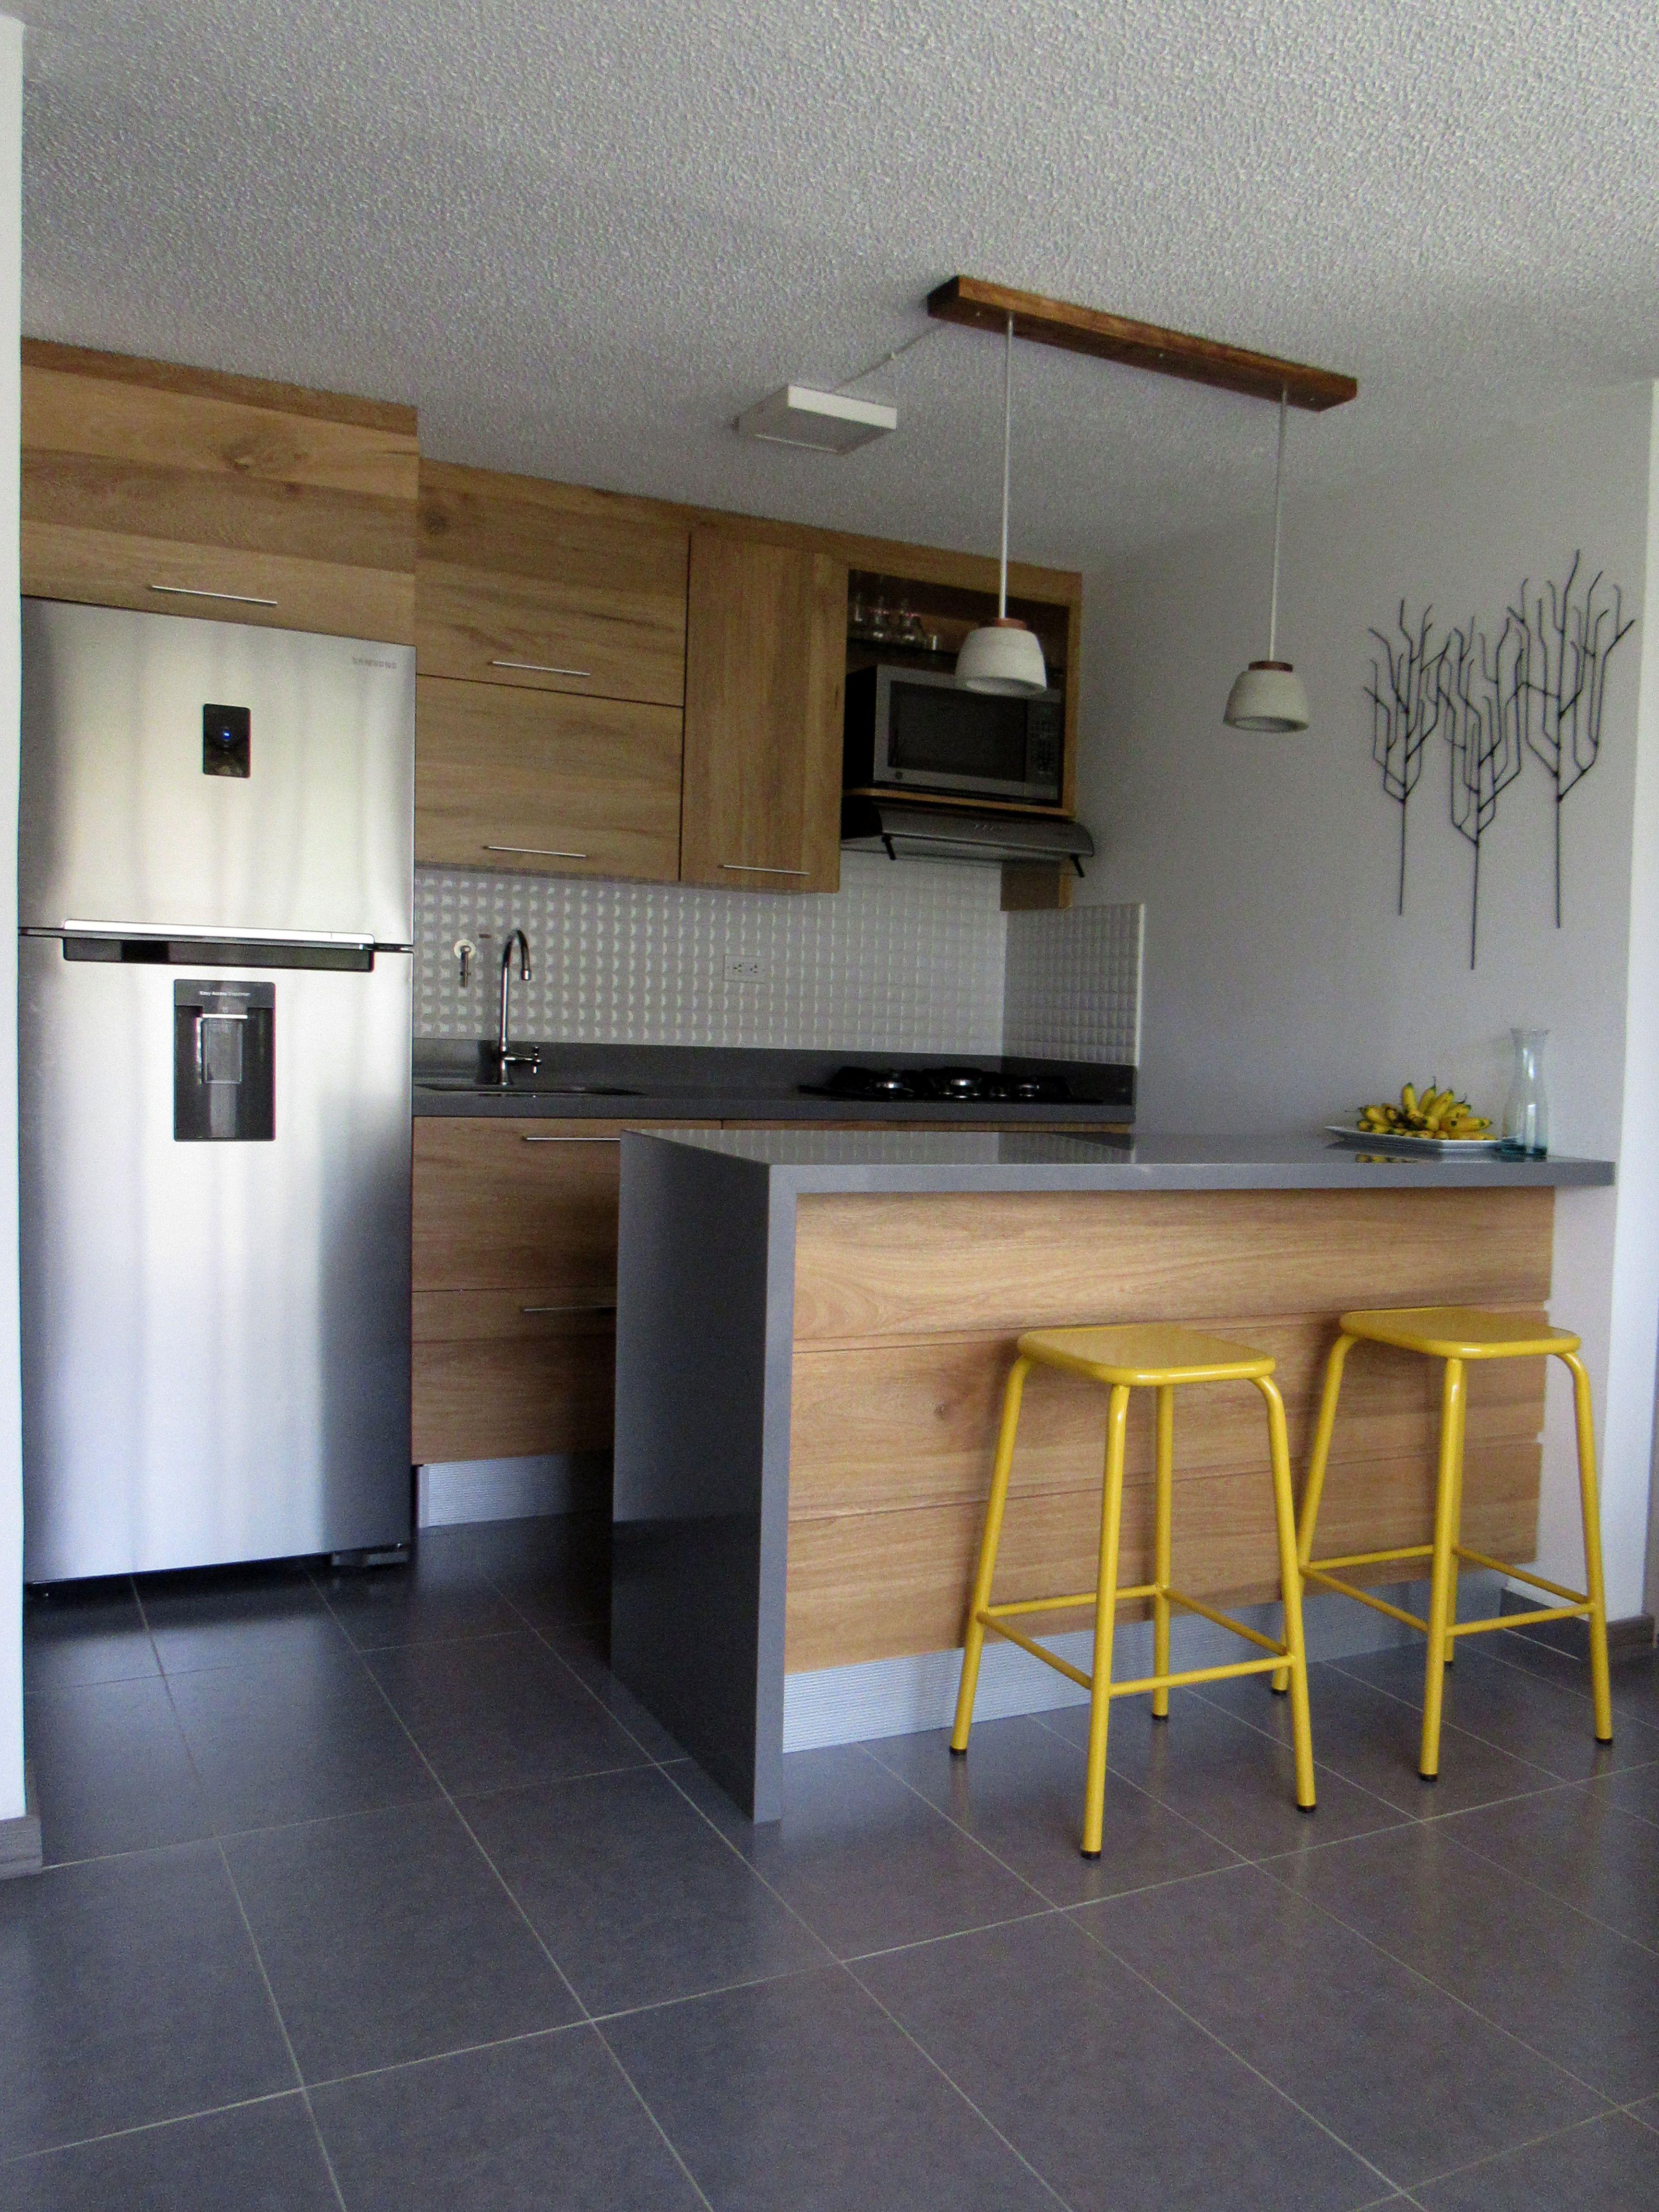 Cocina para apartamento en itag antioquia ajustada a for Muebles practicos para casas pequenas